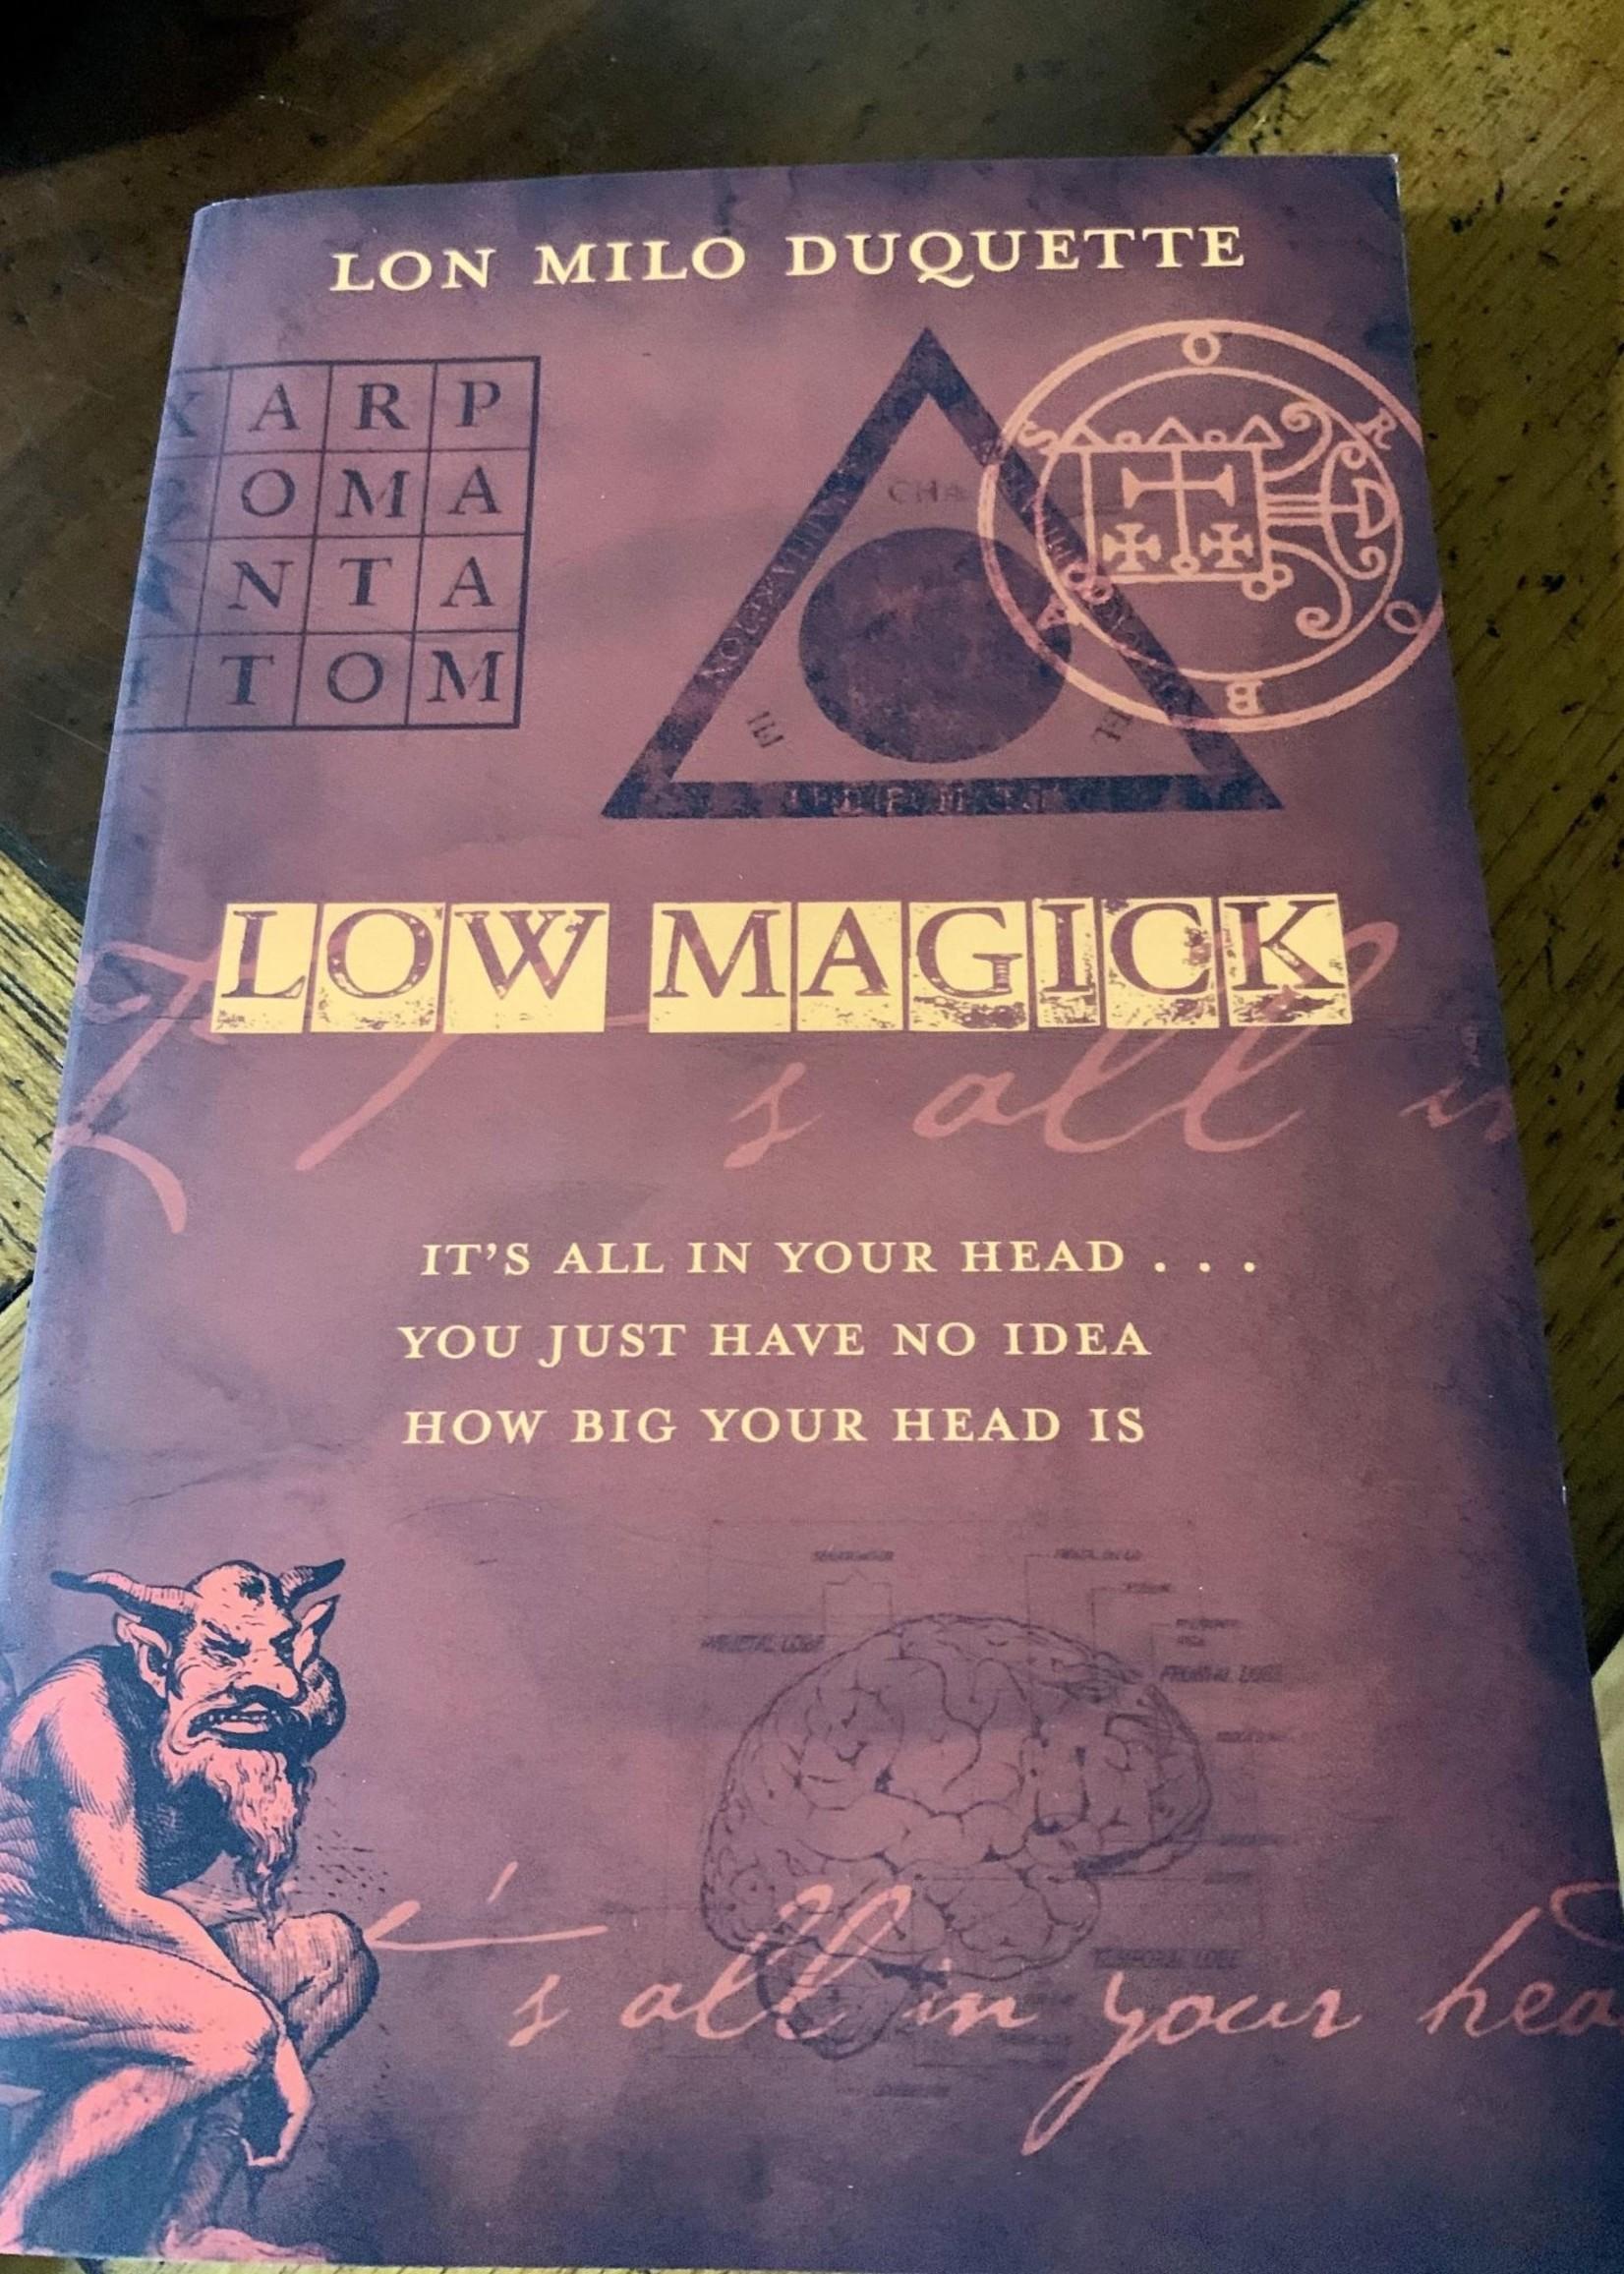 Low Magick - Lon Milo DuQuette